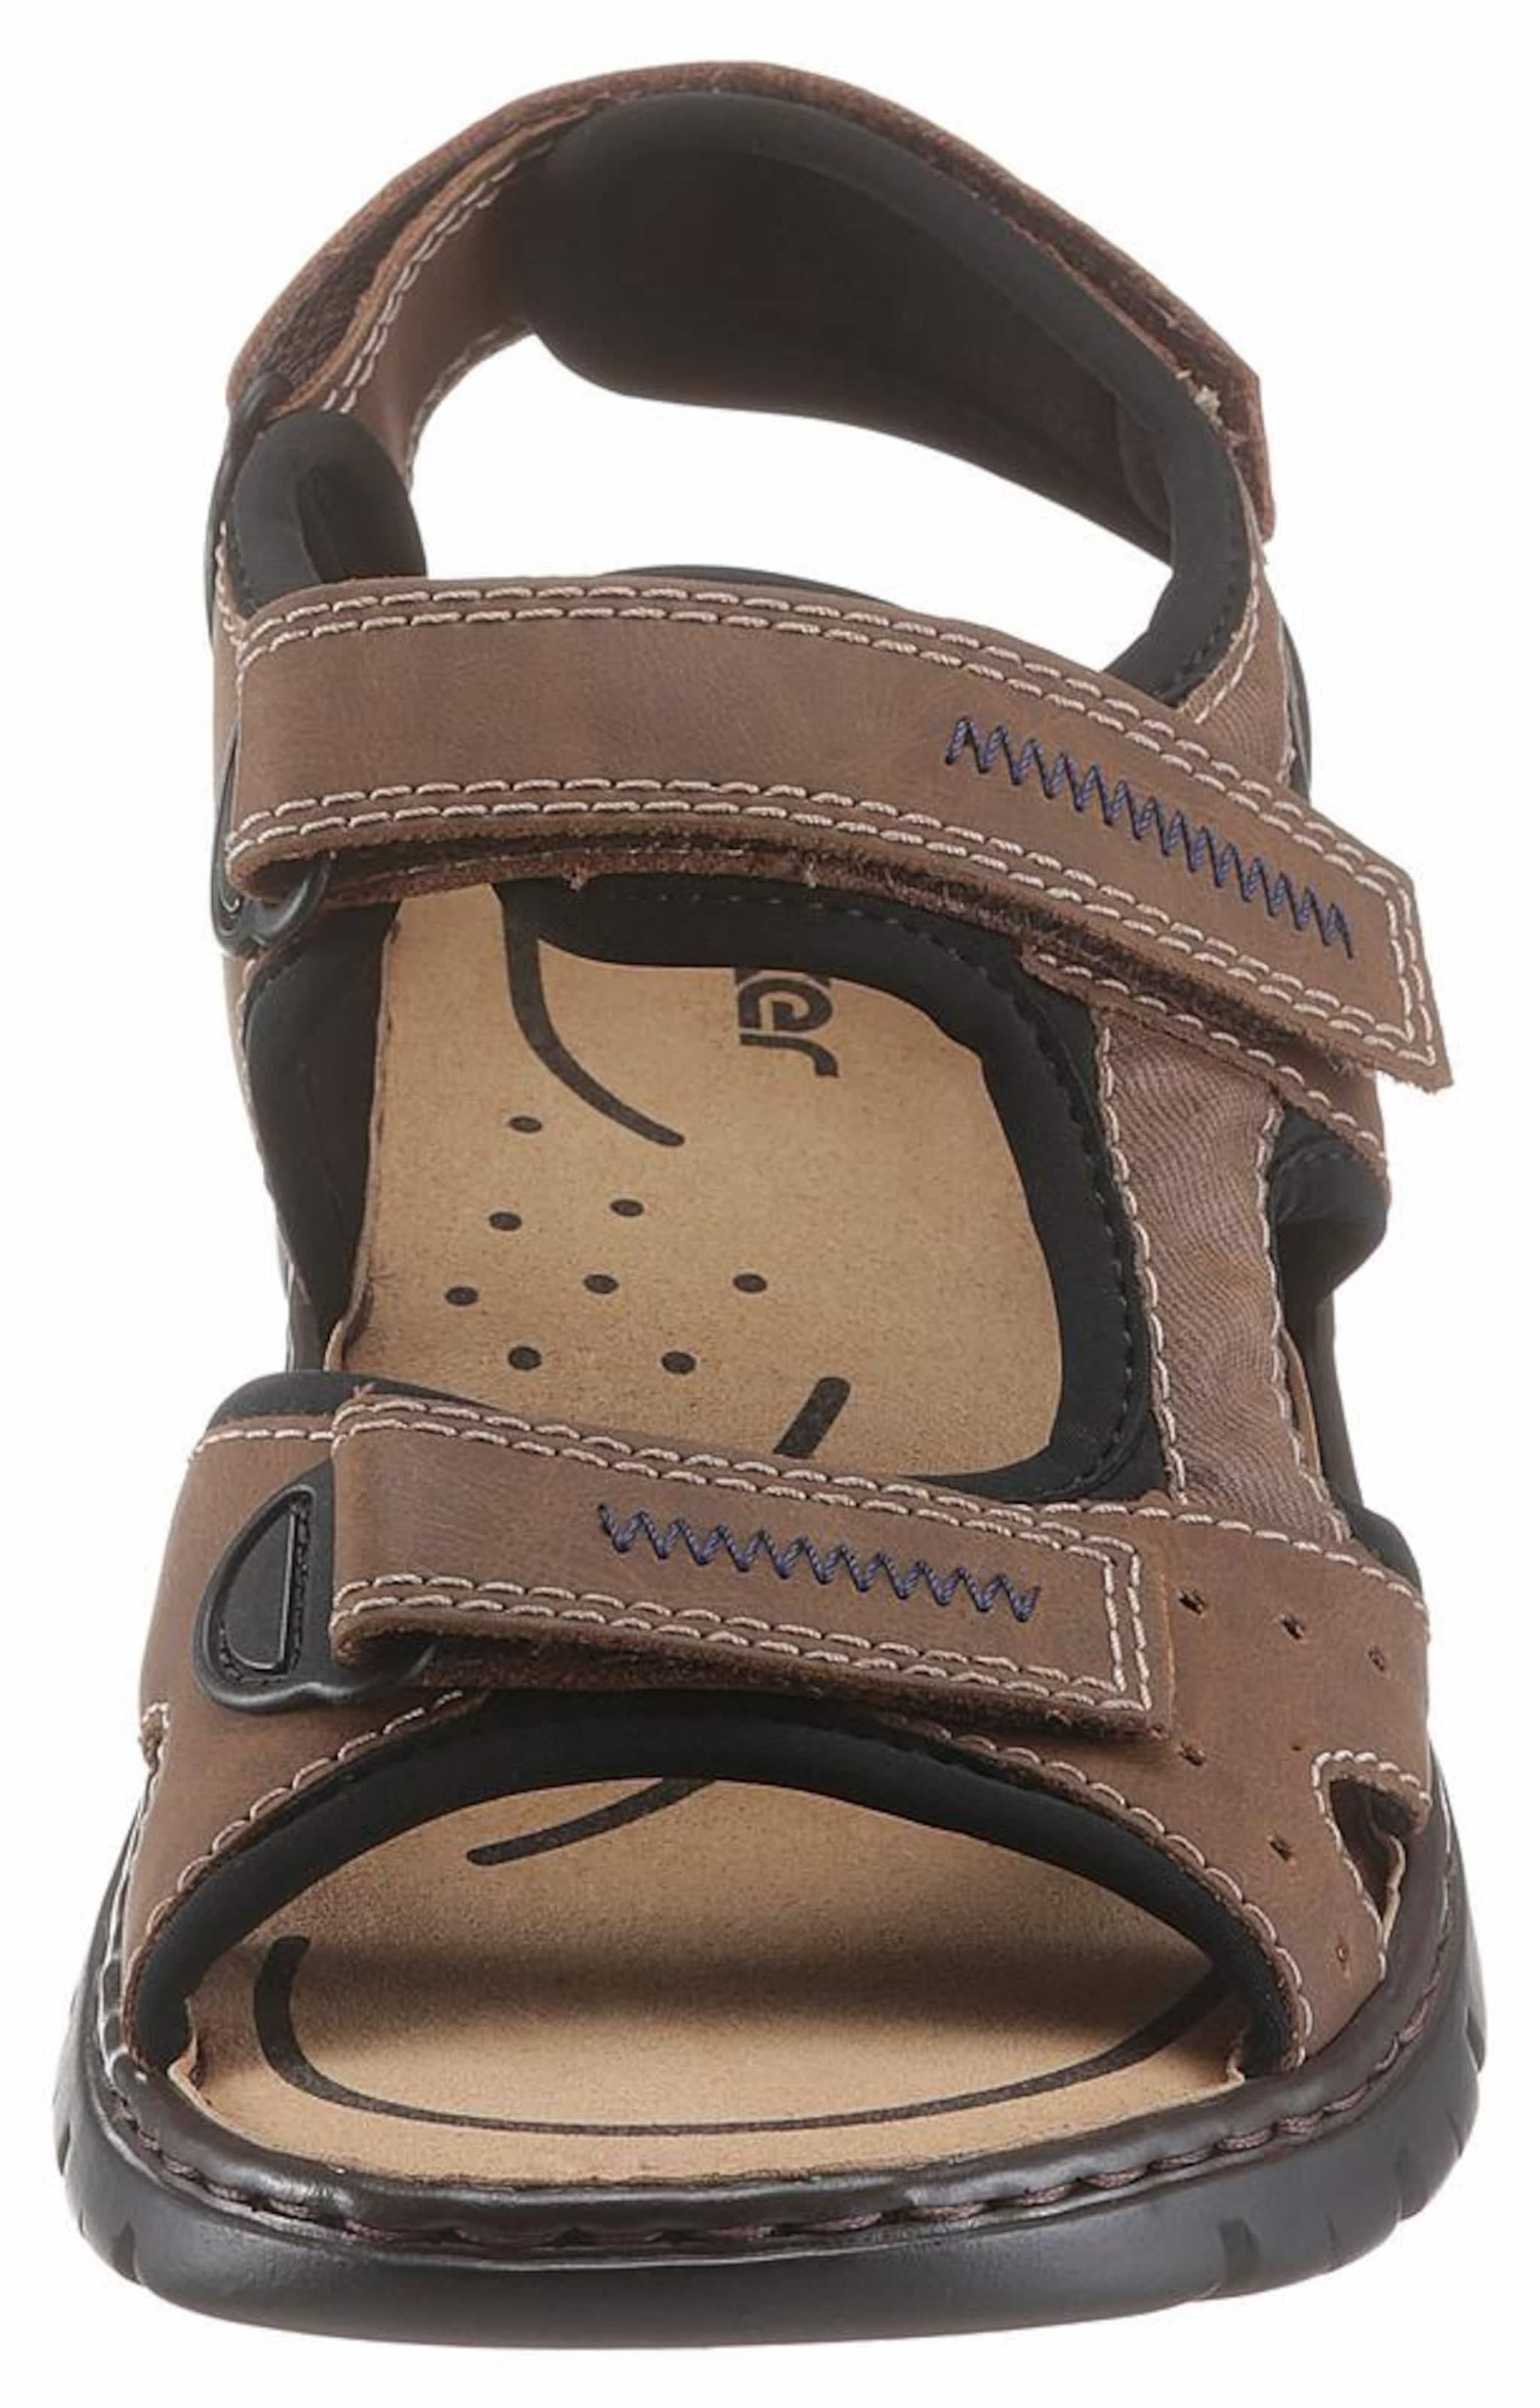 Sandalen In Sandalen In Rieker Rieker BraunSchwarz Rieker Sandalen In BraunSchwarz Rieker BraunSchwarz 2YWEDHI9